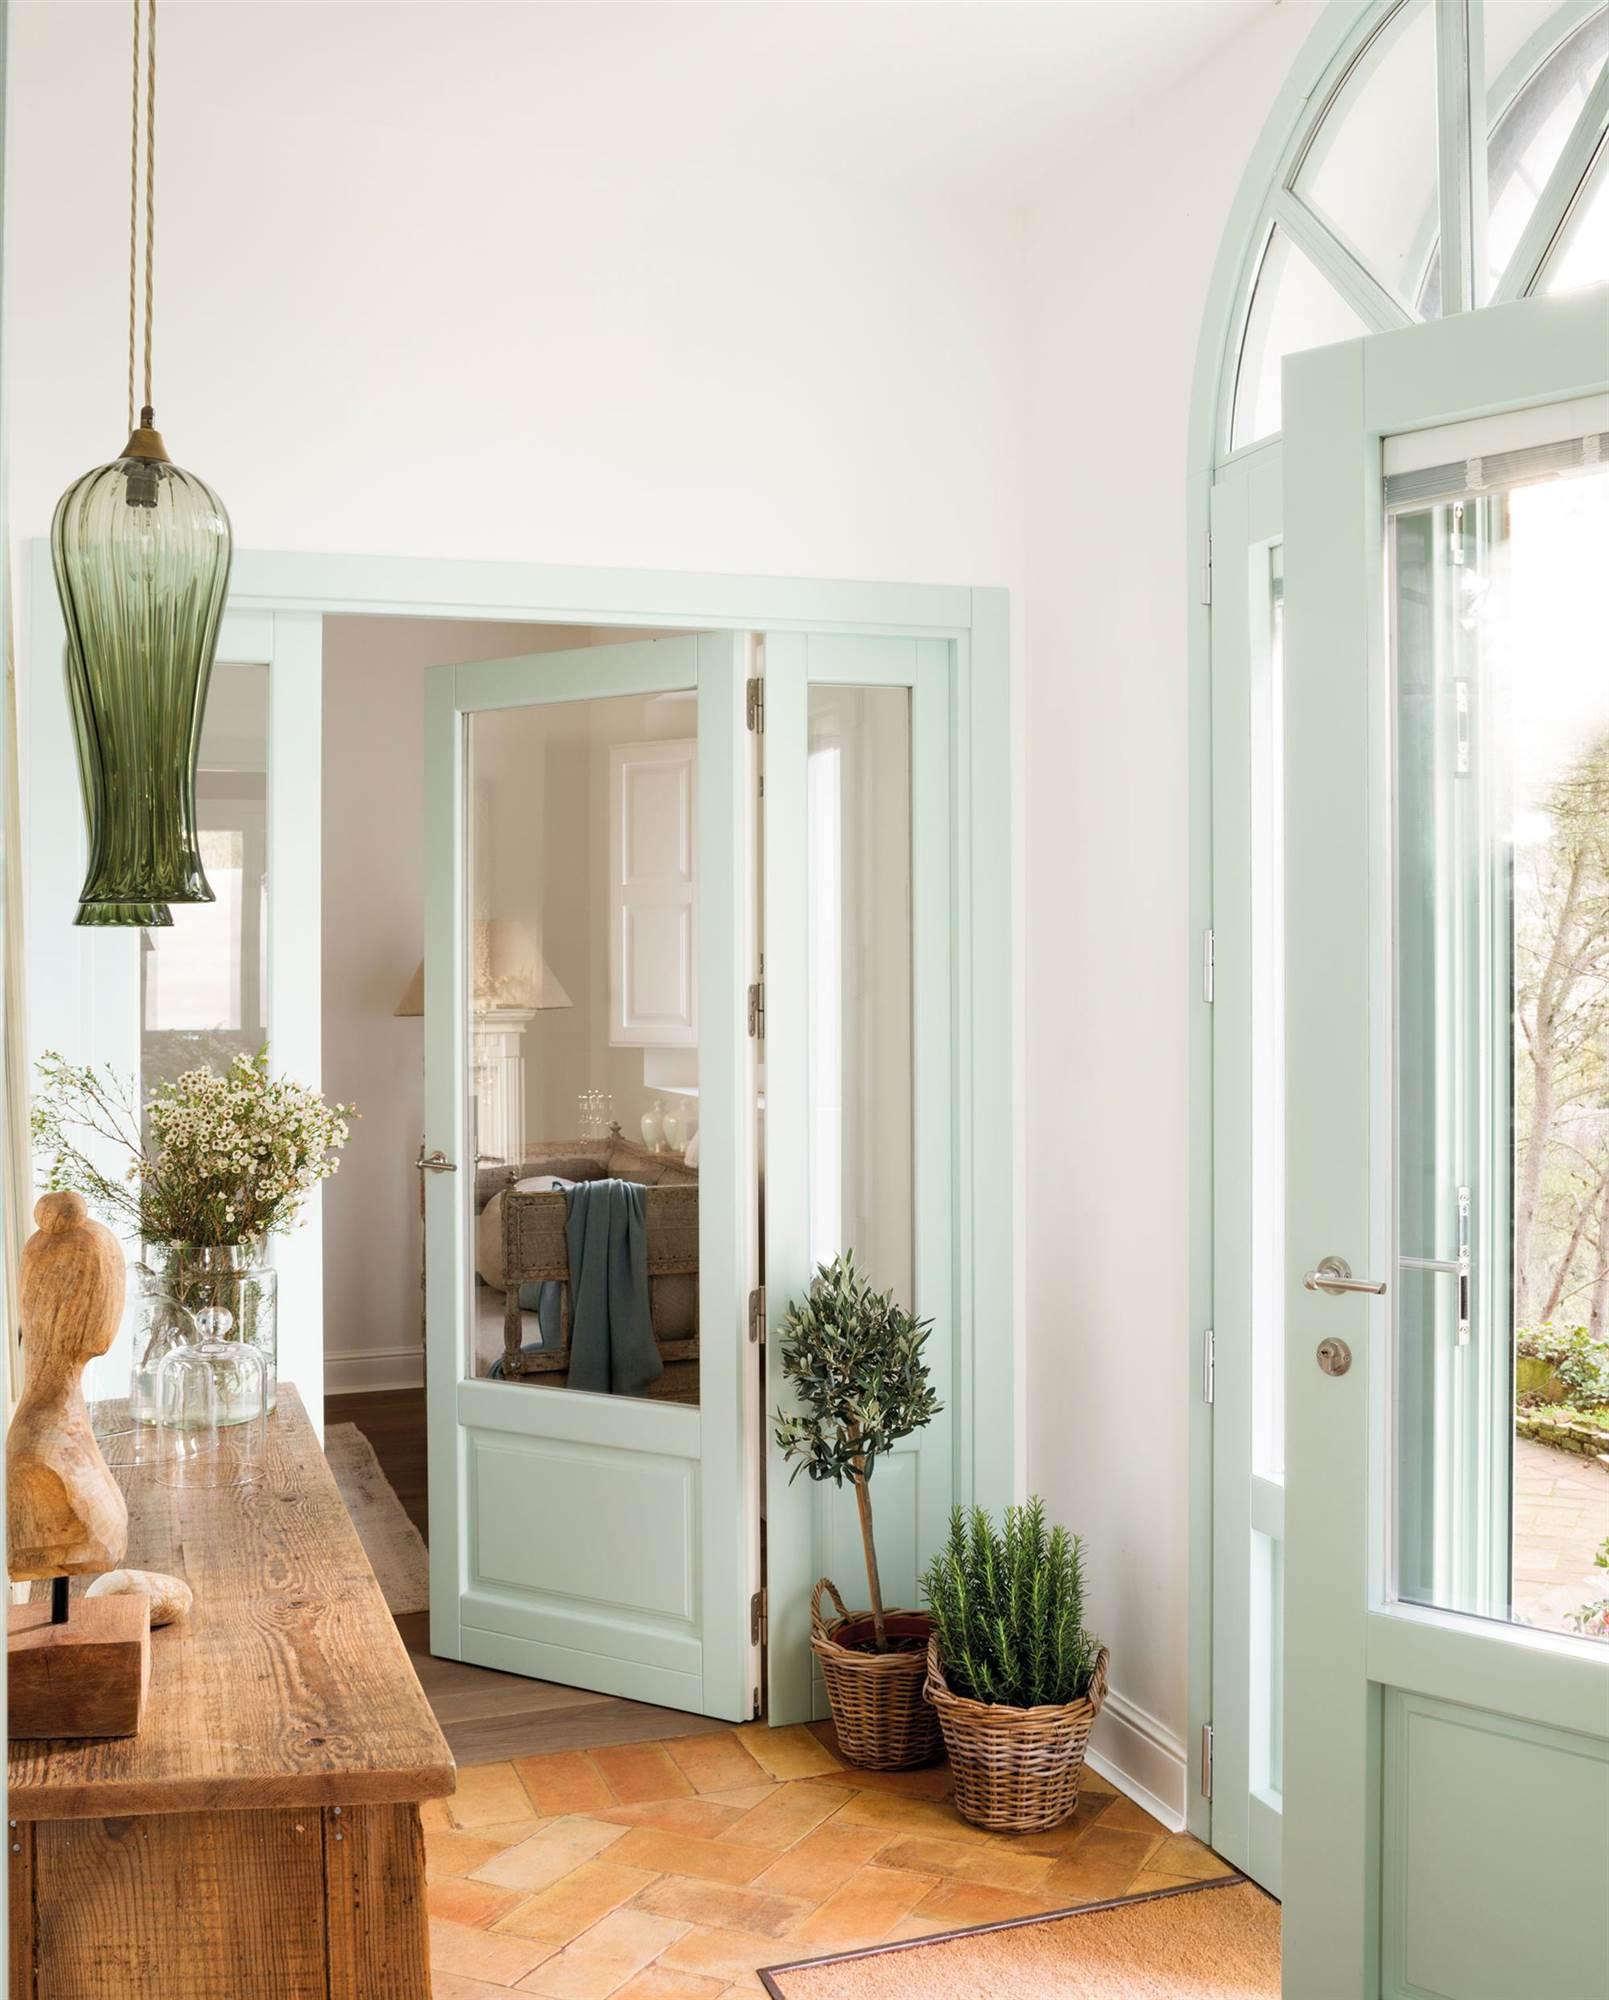 Colores para pintar un recibidor recibidores pequeos de encanto entrada en colores llamativos - Pintar un recibidor ...